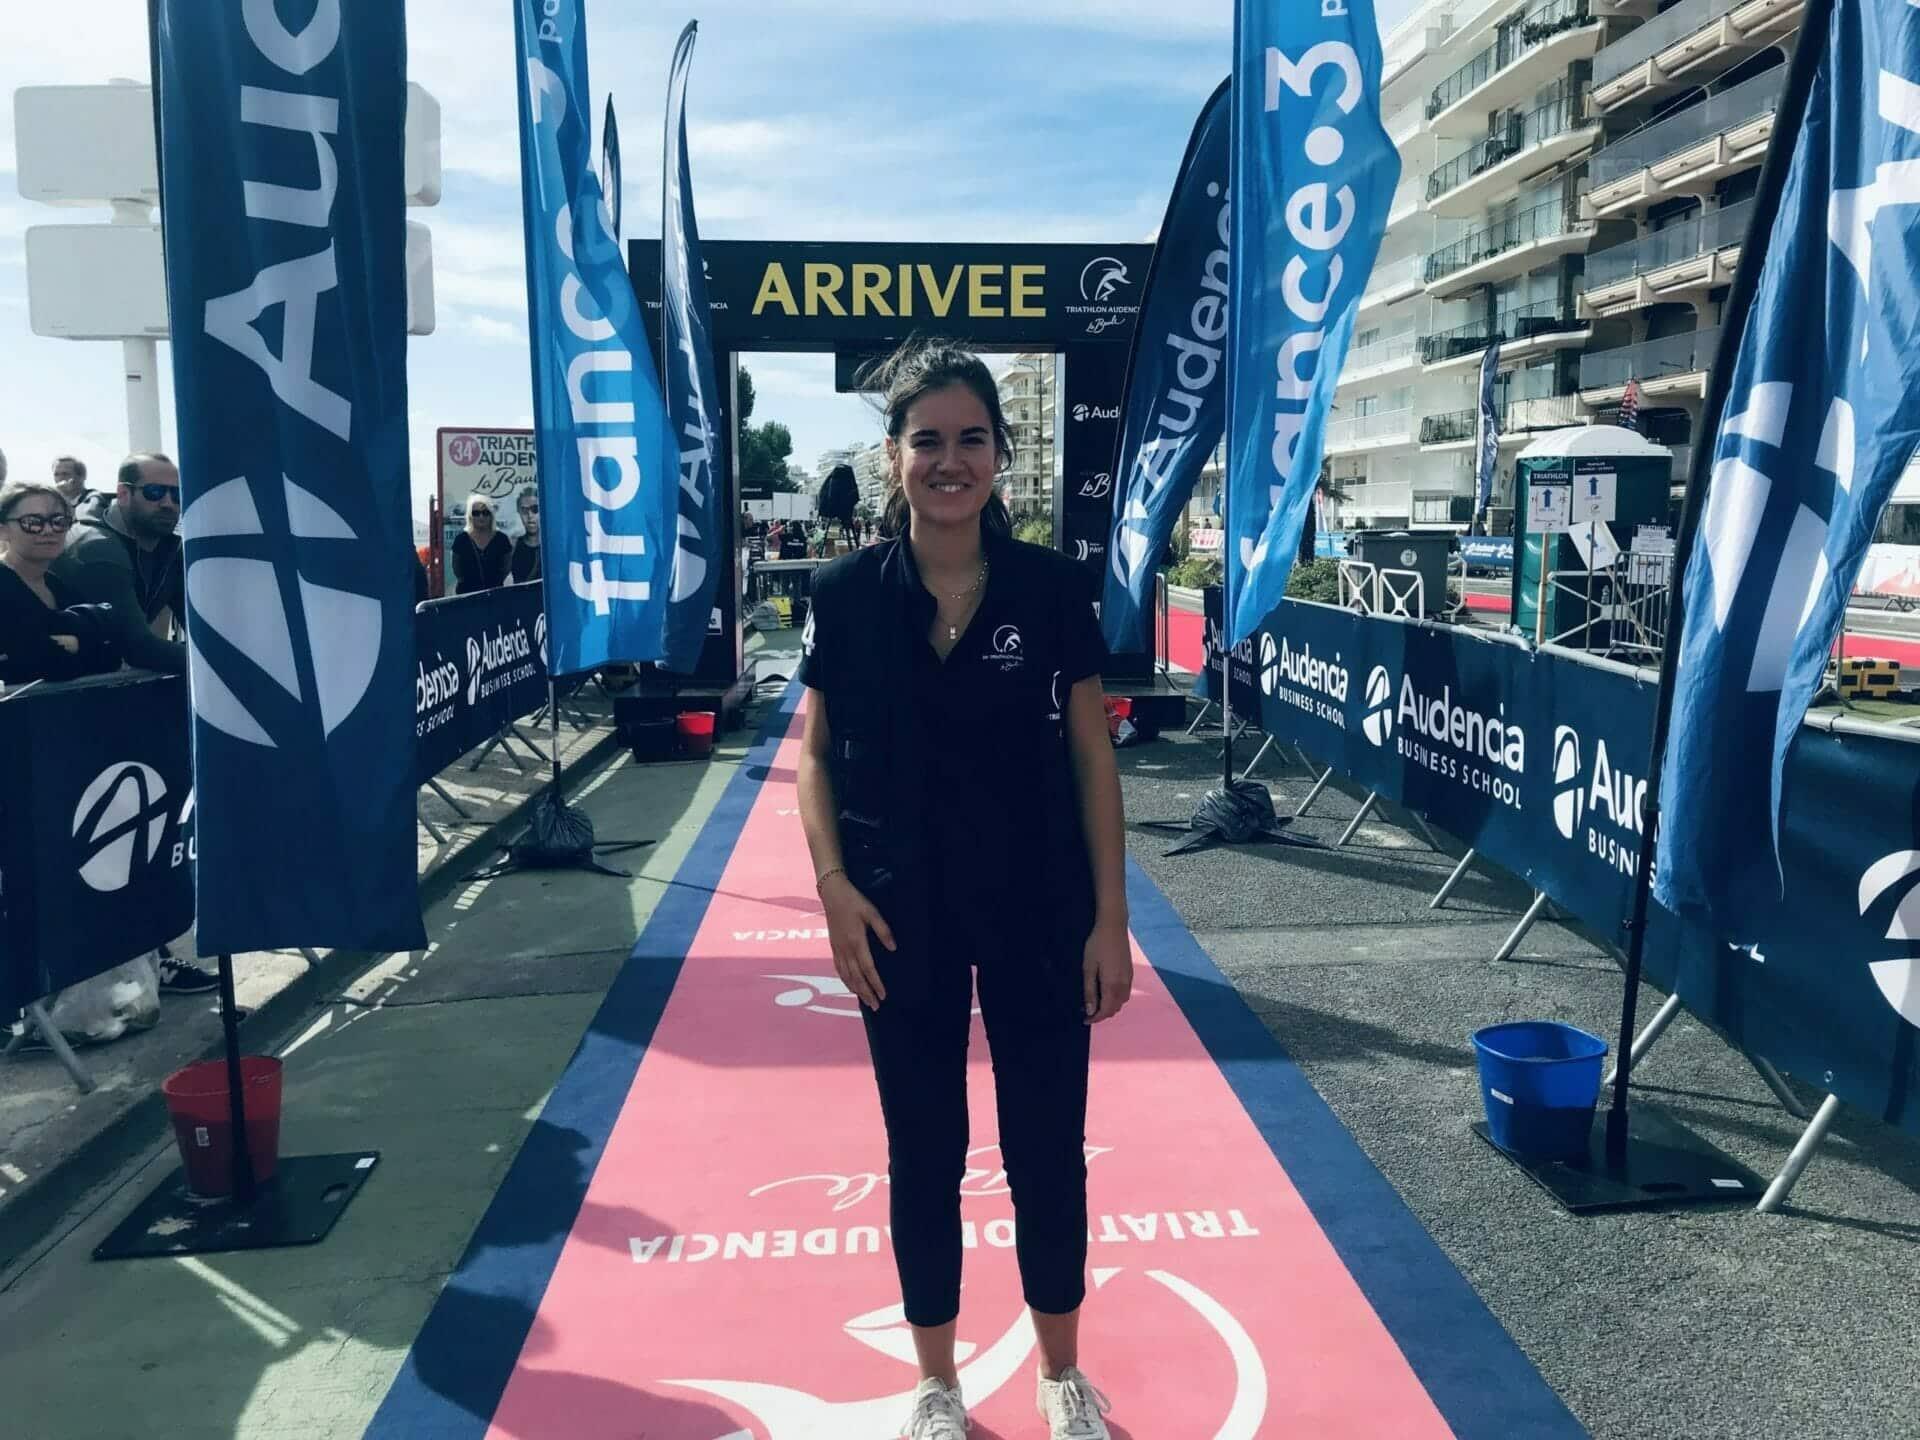 Sur la ligne d'arrivée du 34e triathlon Audencia - La Baule avec la présidente de l'association organisatrice de l'événement